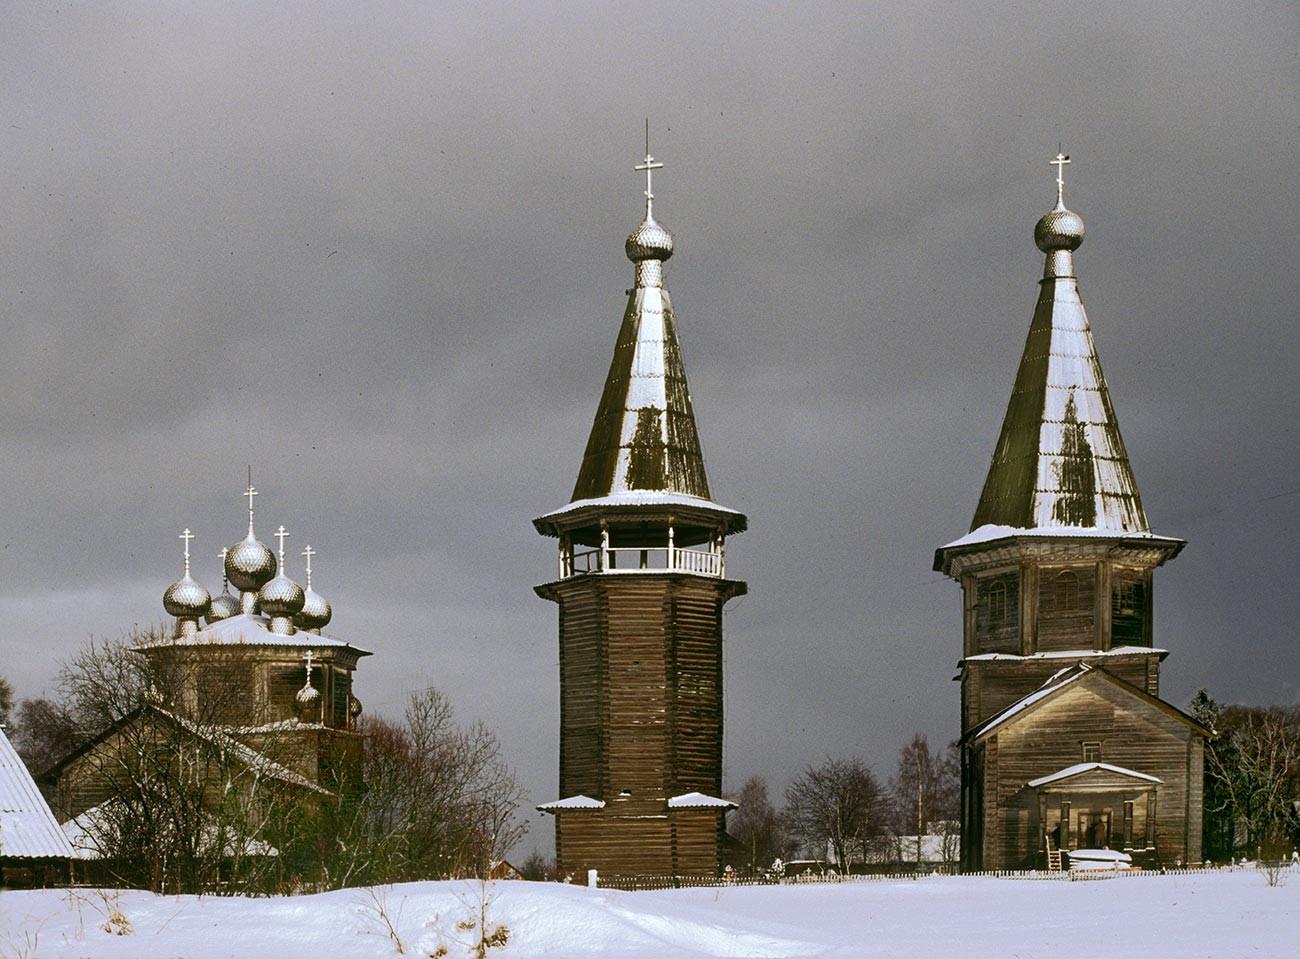 Liadiny. De gauche à droite: église de l'Epiphanie, clocher, église de l'Intercession. Vue de l'ouest. Photographie: William Brumfield. 28 février 1998